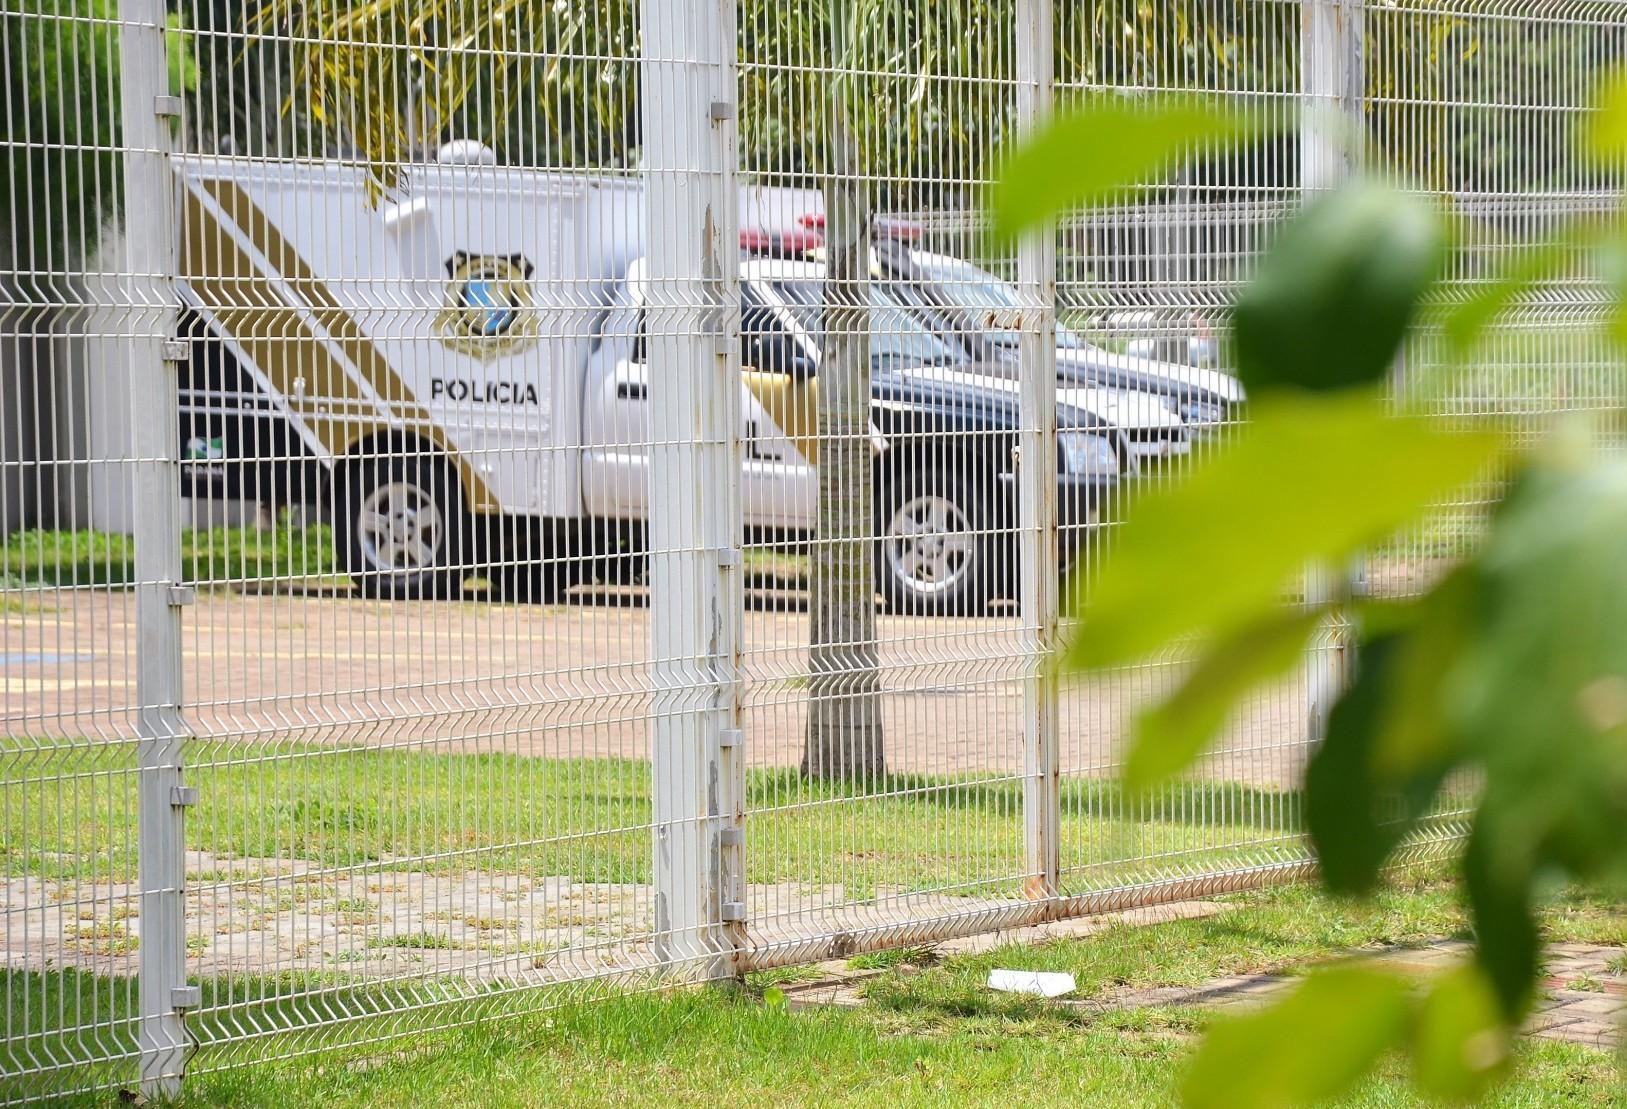 Morre no hospital homem baleado pela namorada em Paiçandu